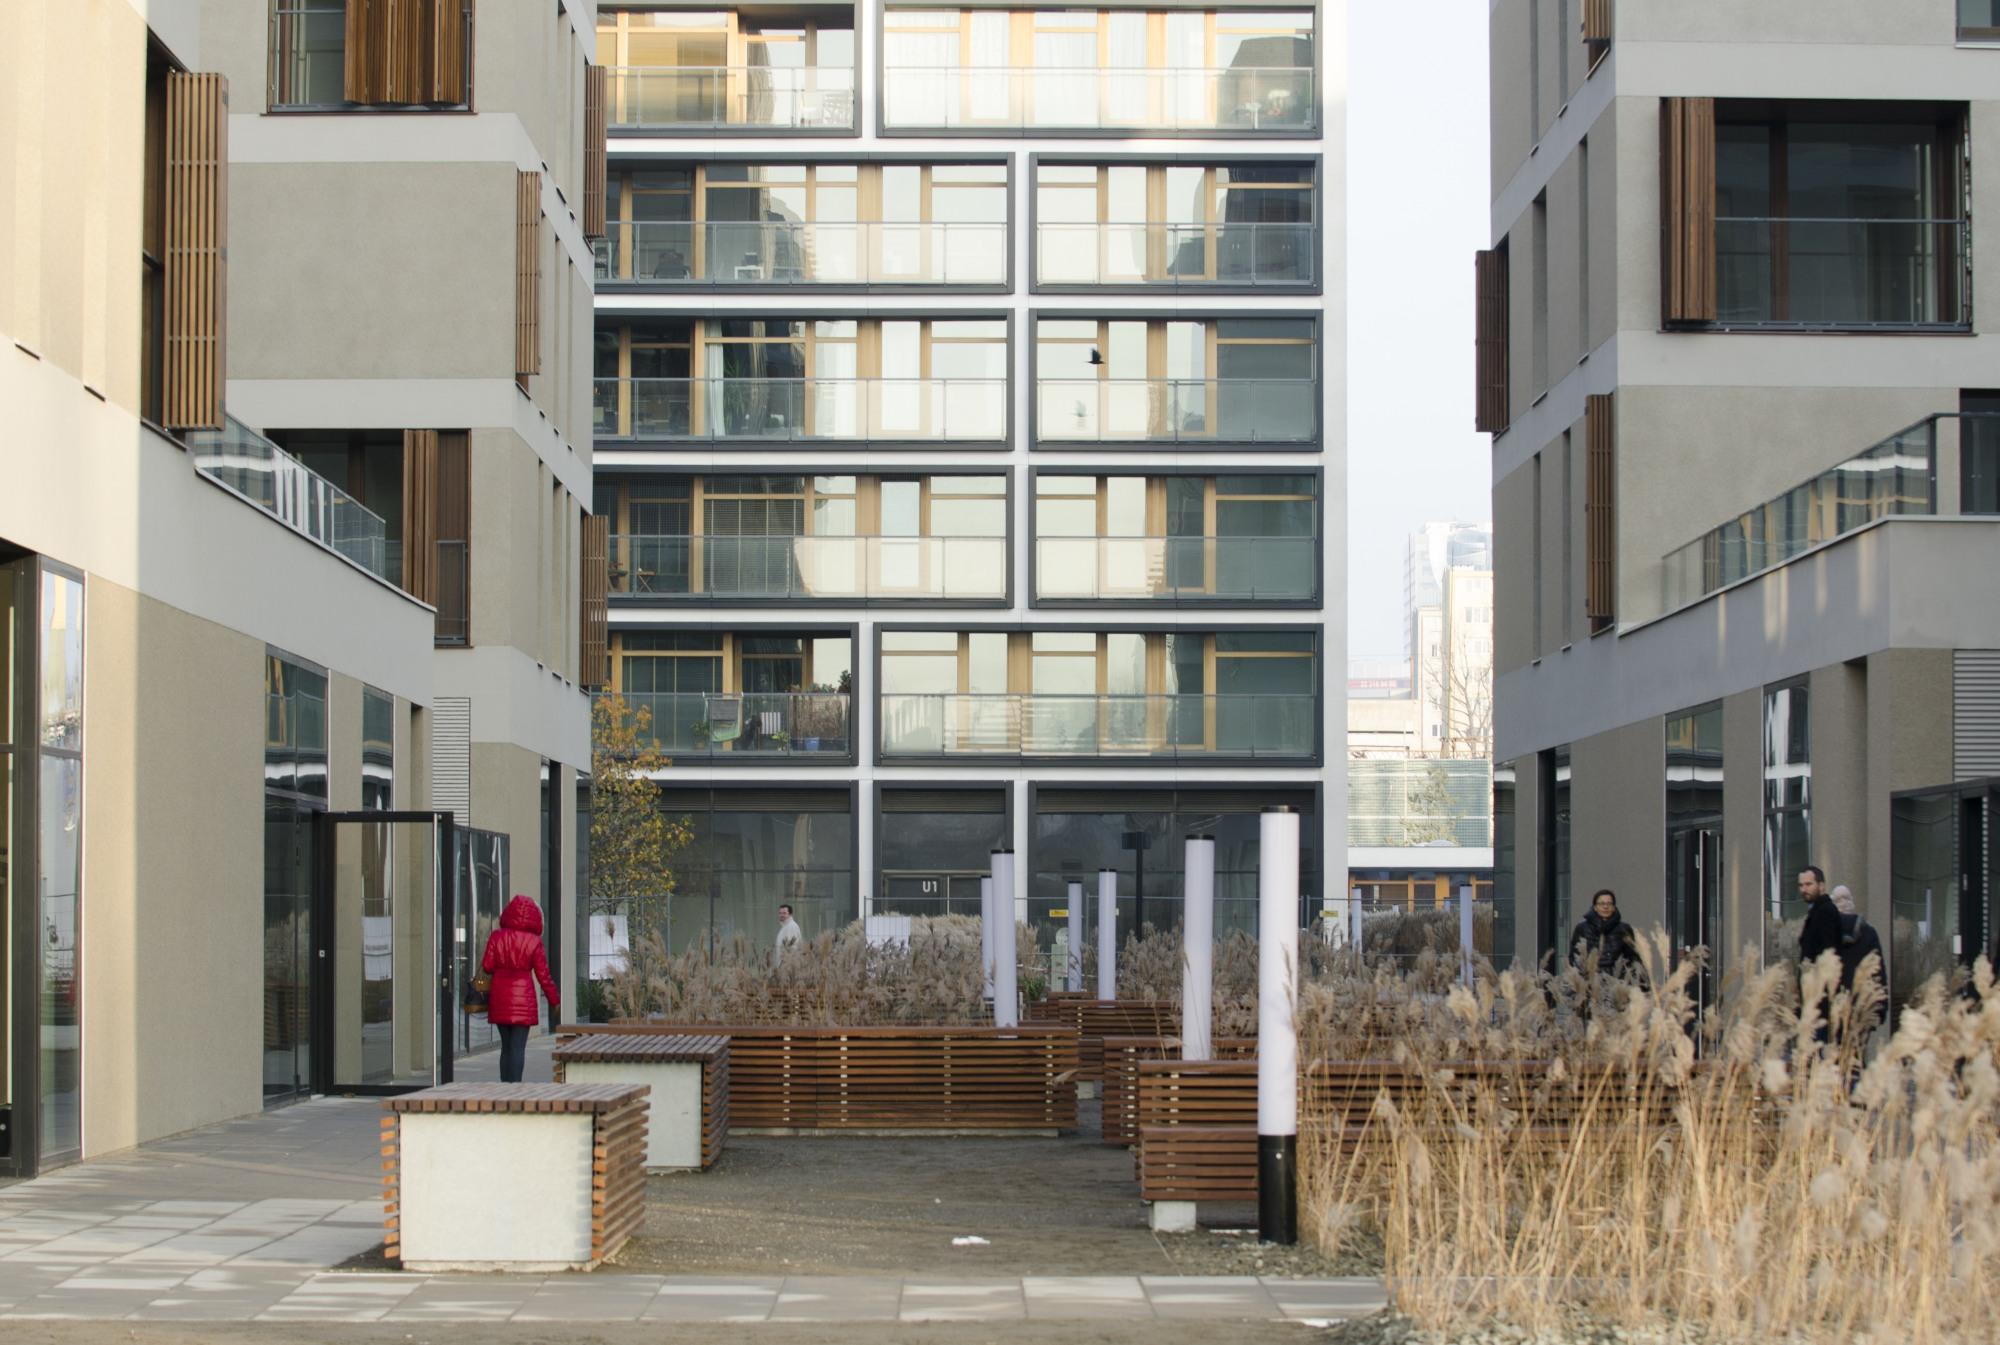 Projekt osiedla powstał wpracowni Jems Architekci